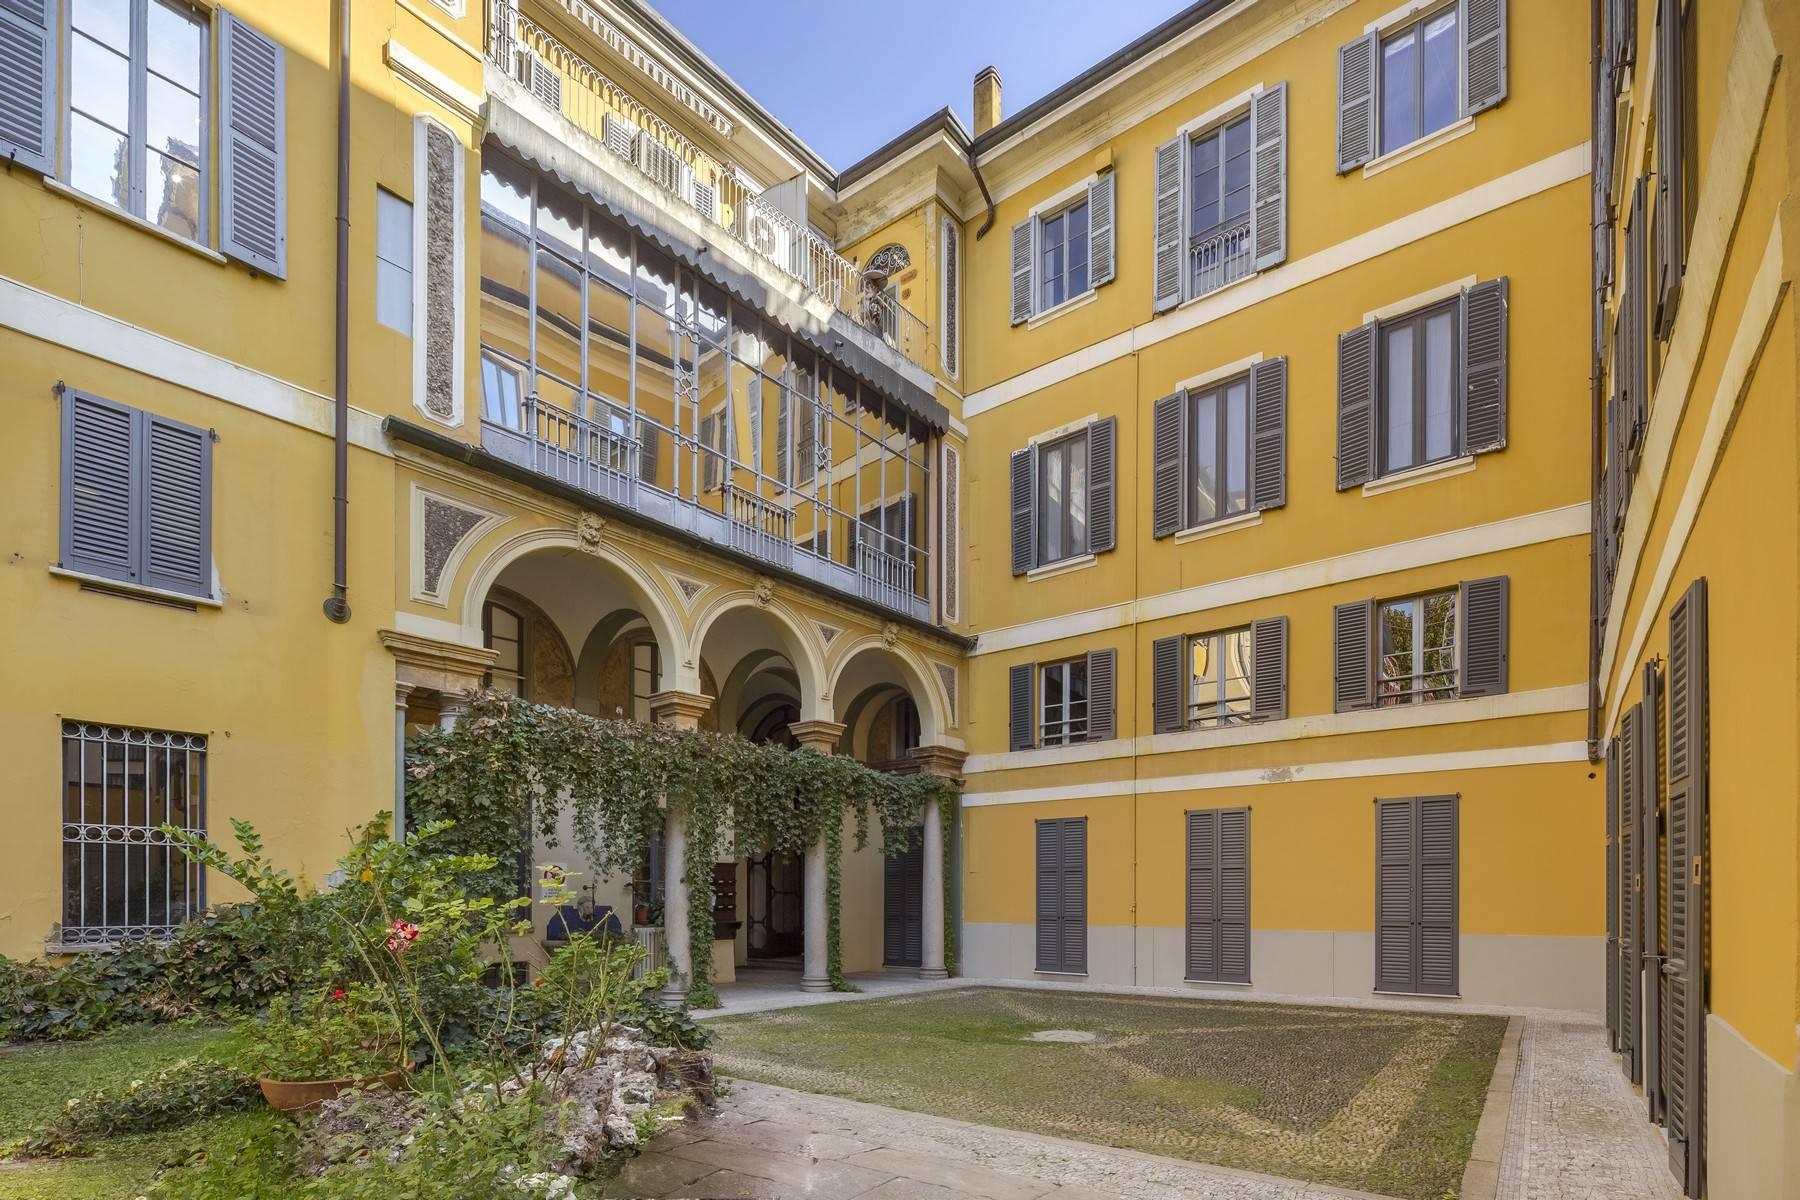 Negozio-locale in Affitto a Milano: 2 locali, 100 mq - Foto 25